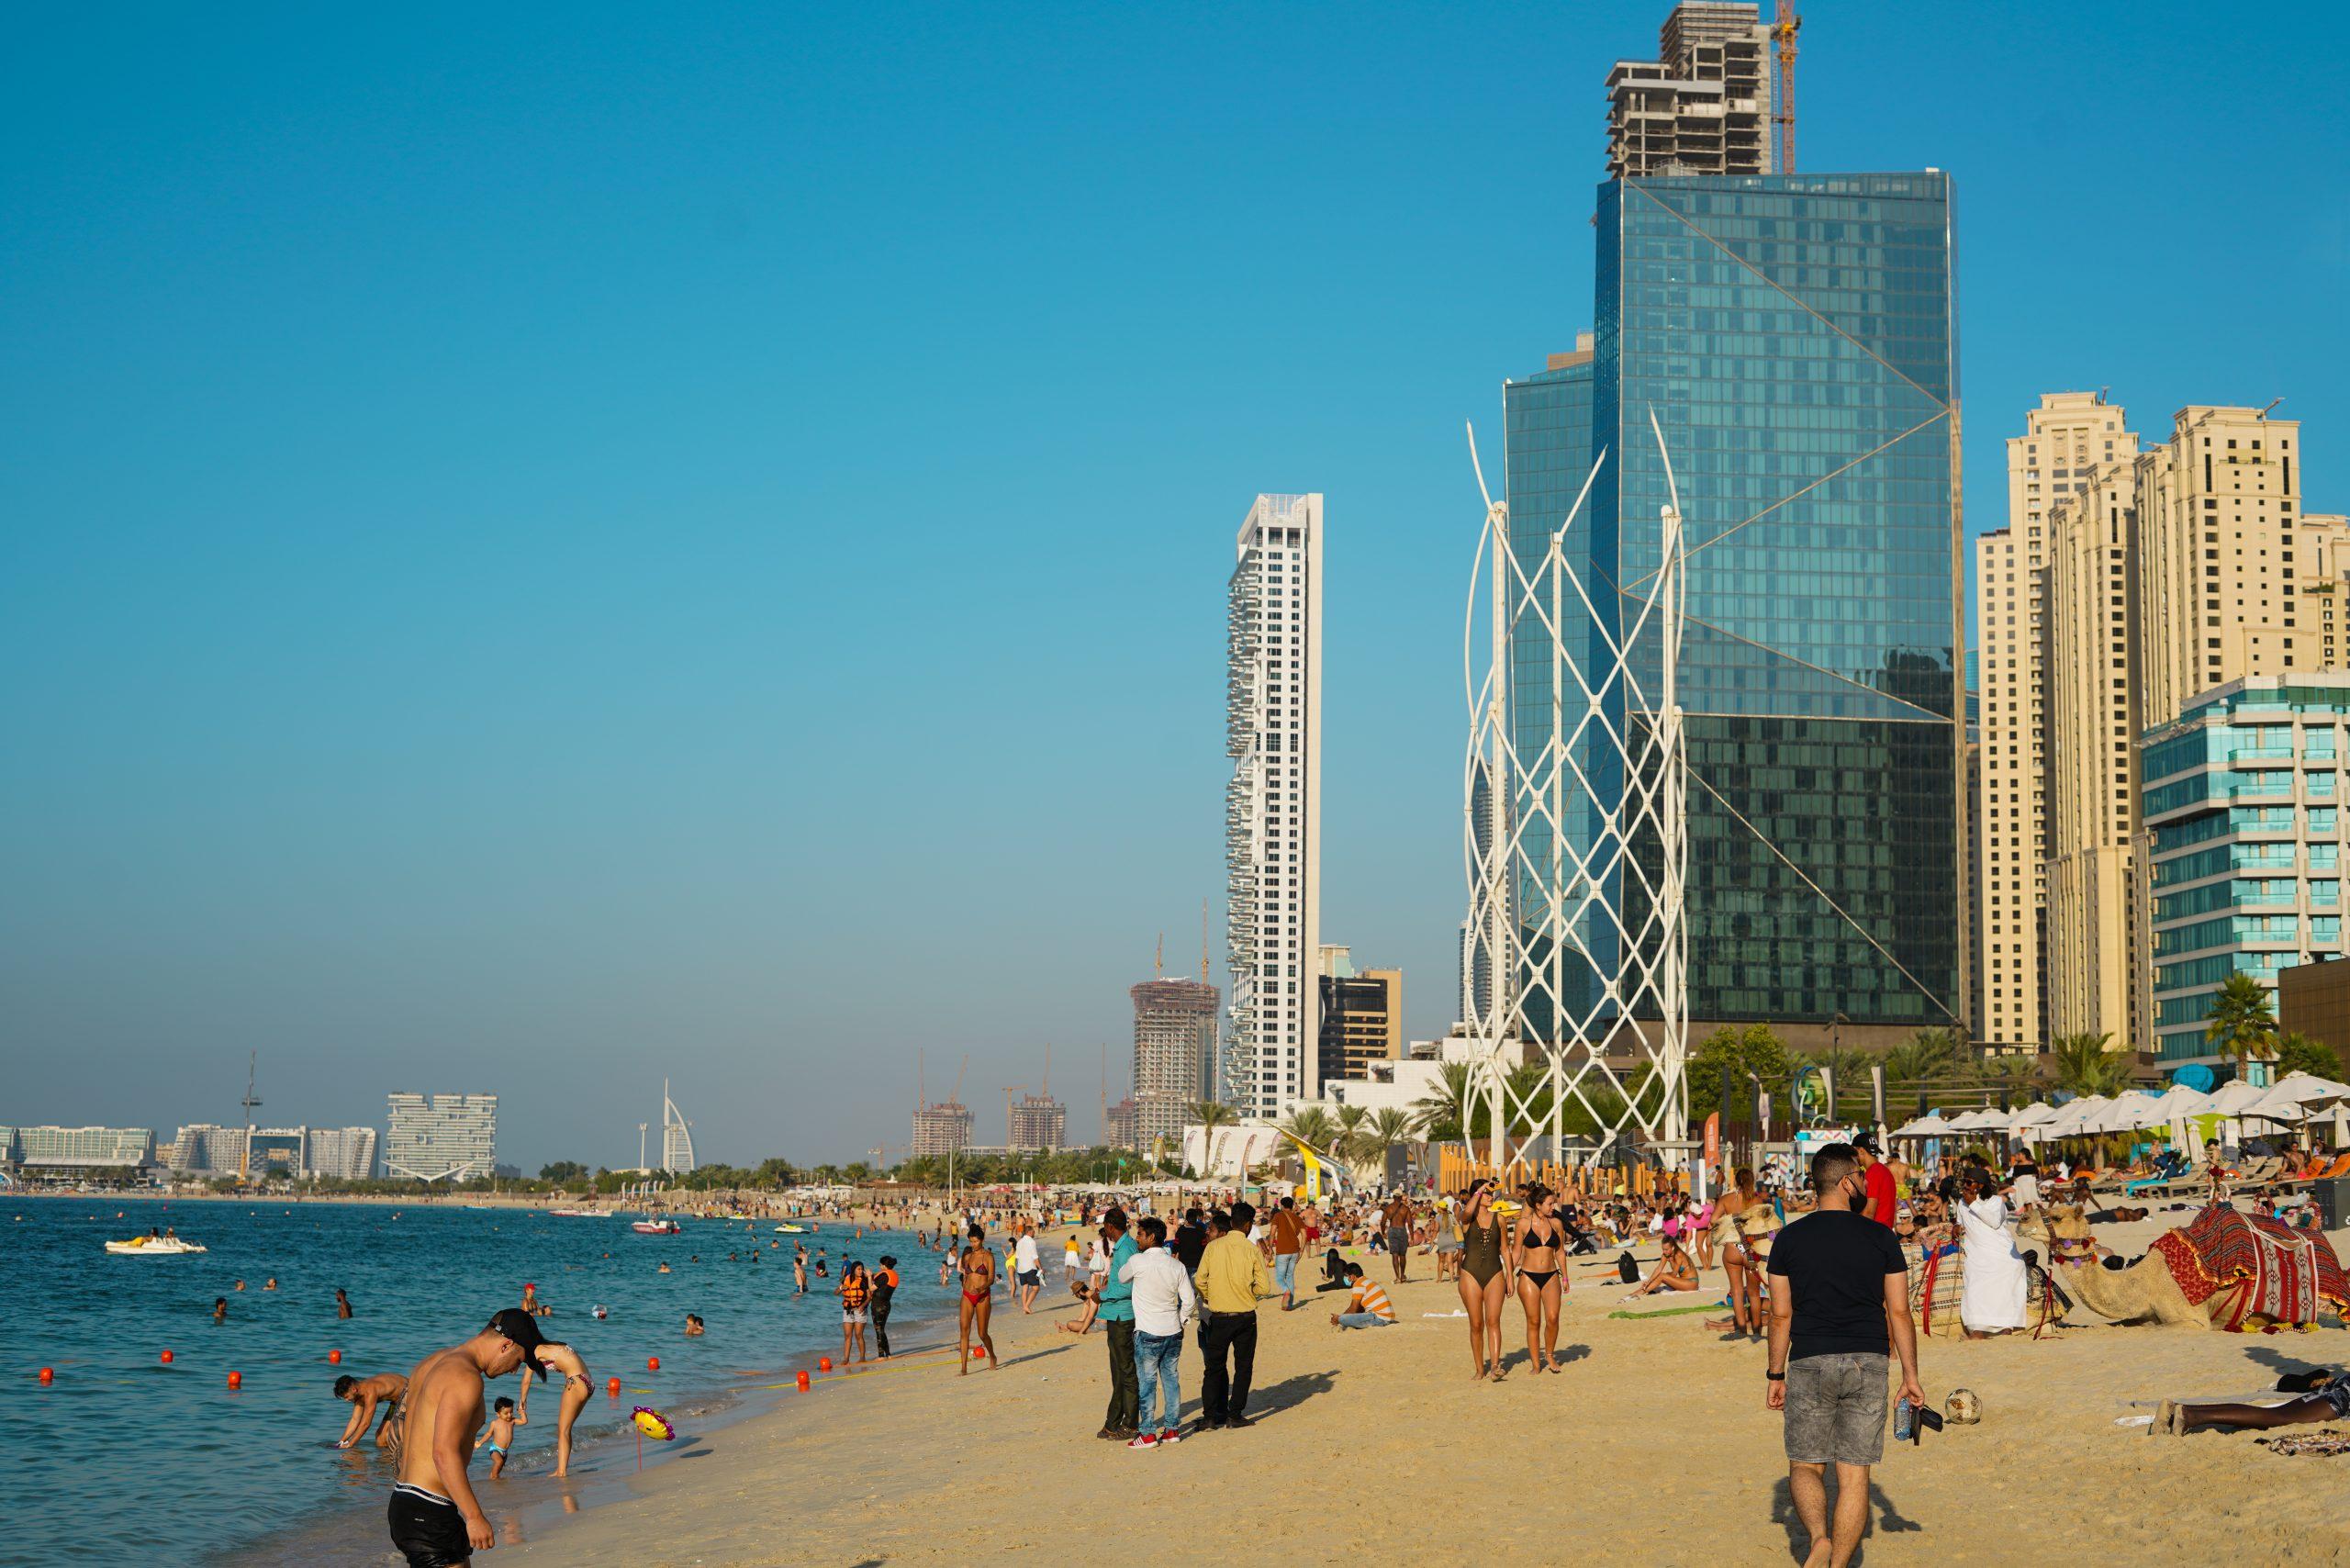 A beach in Dubai